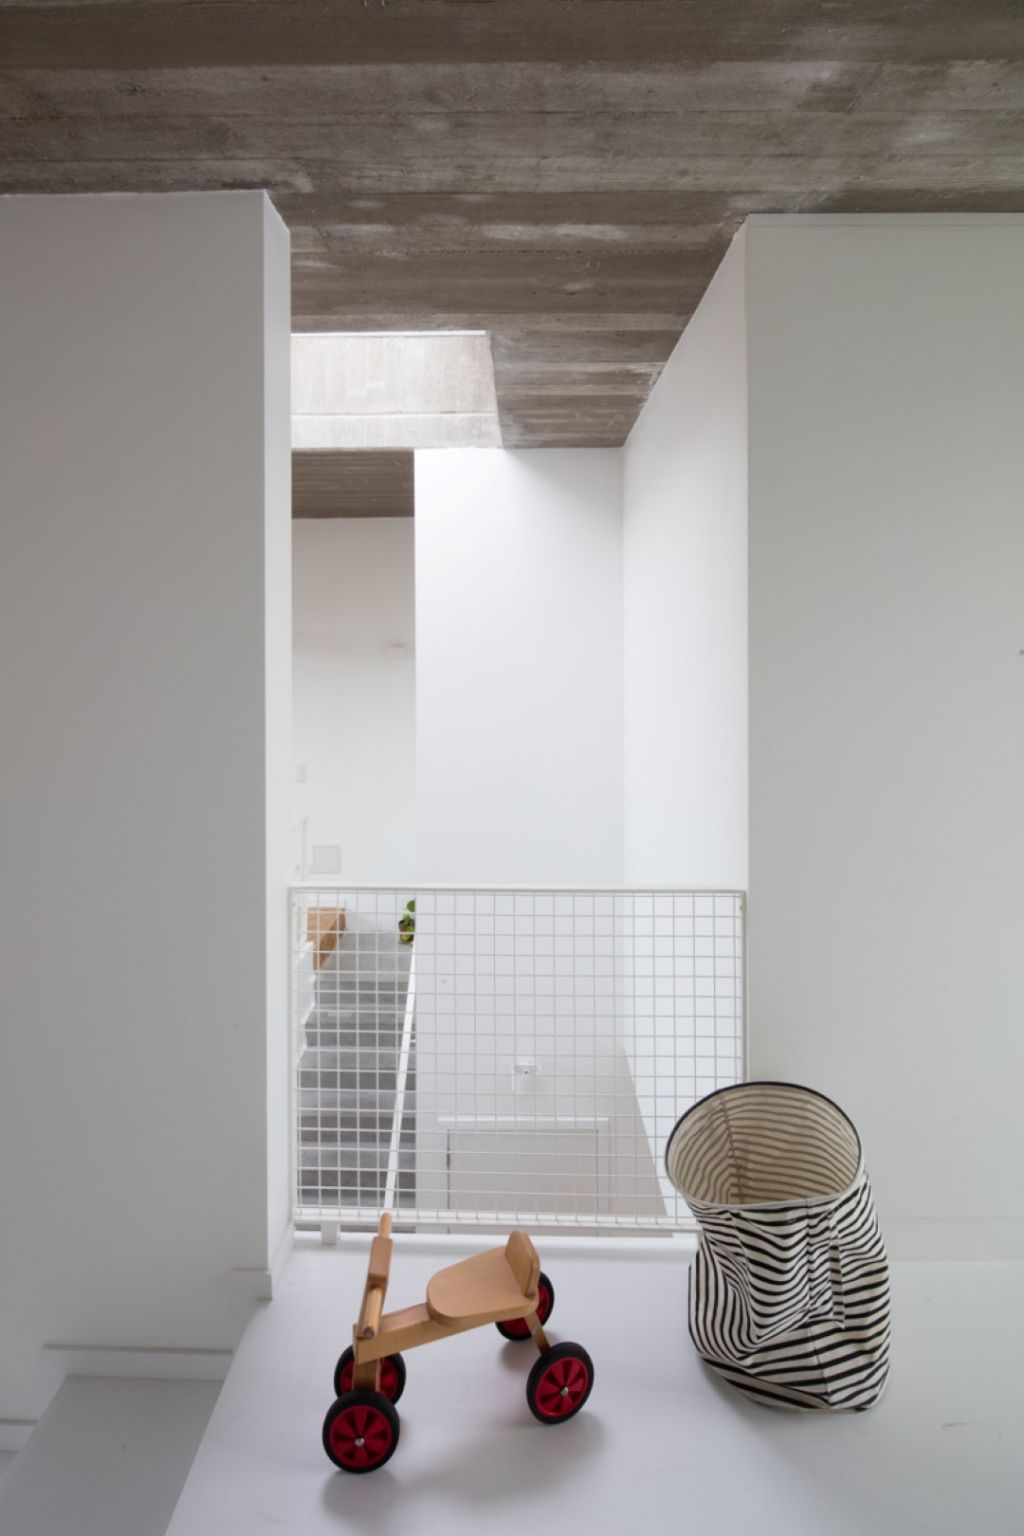 MADAM architectuur ontwerpt twee onafhankelijke duplexappartementen